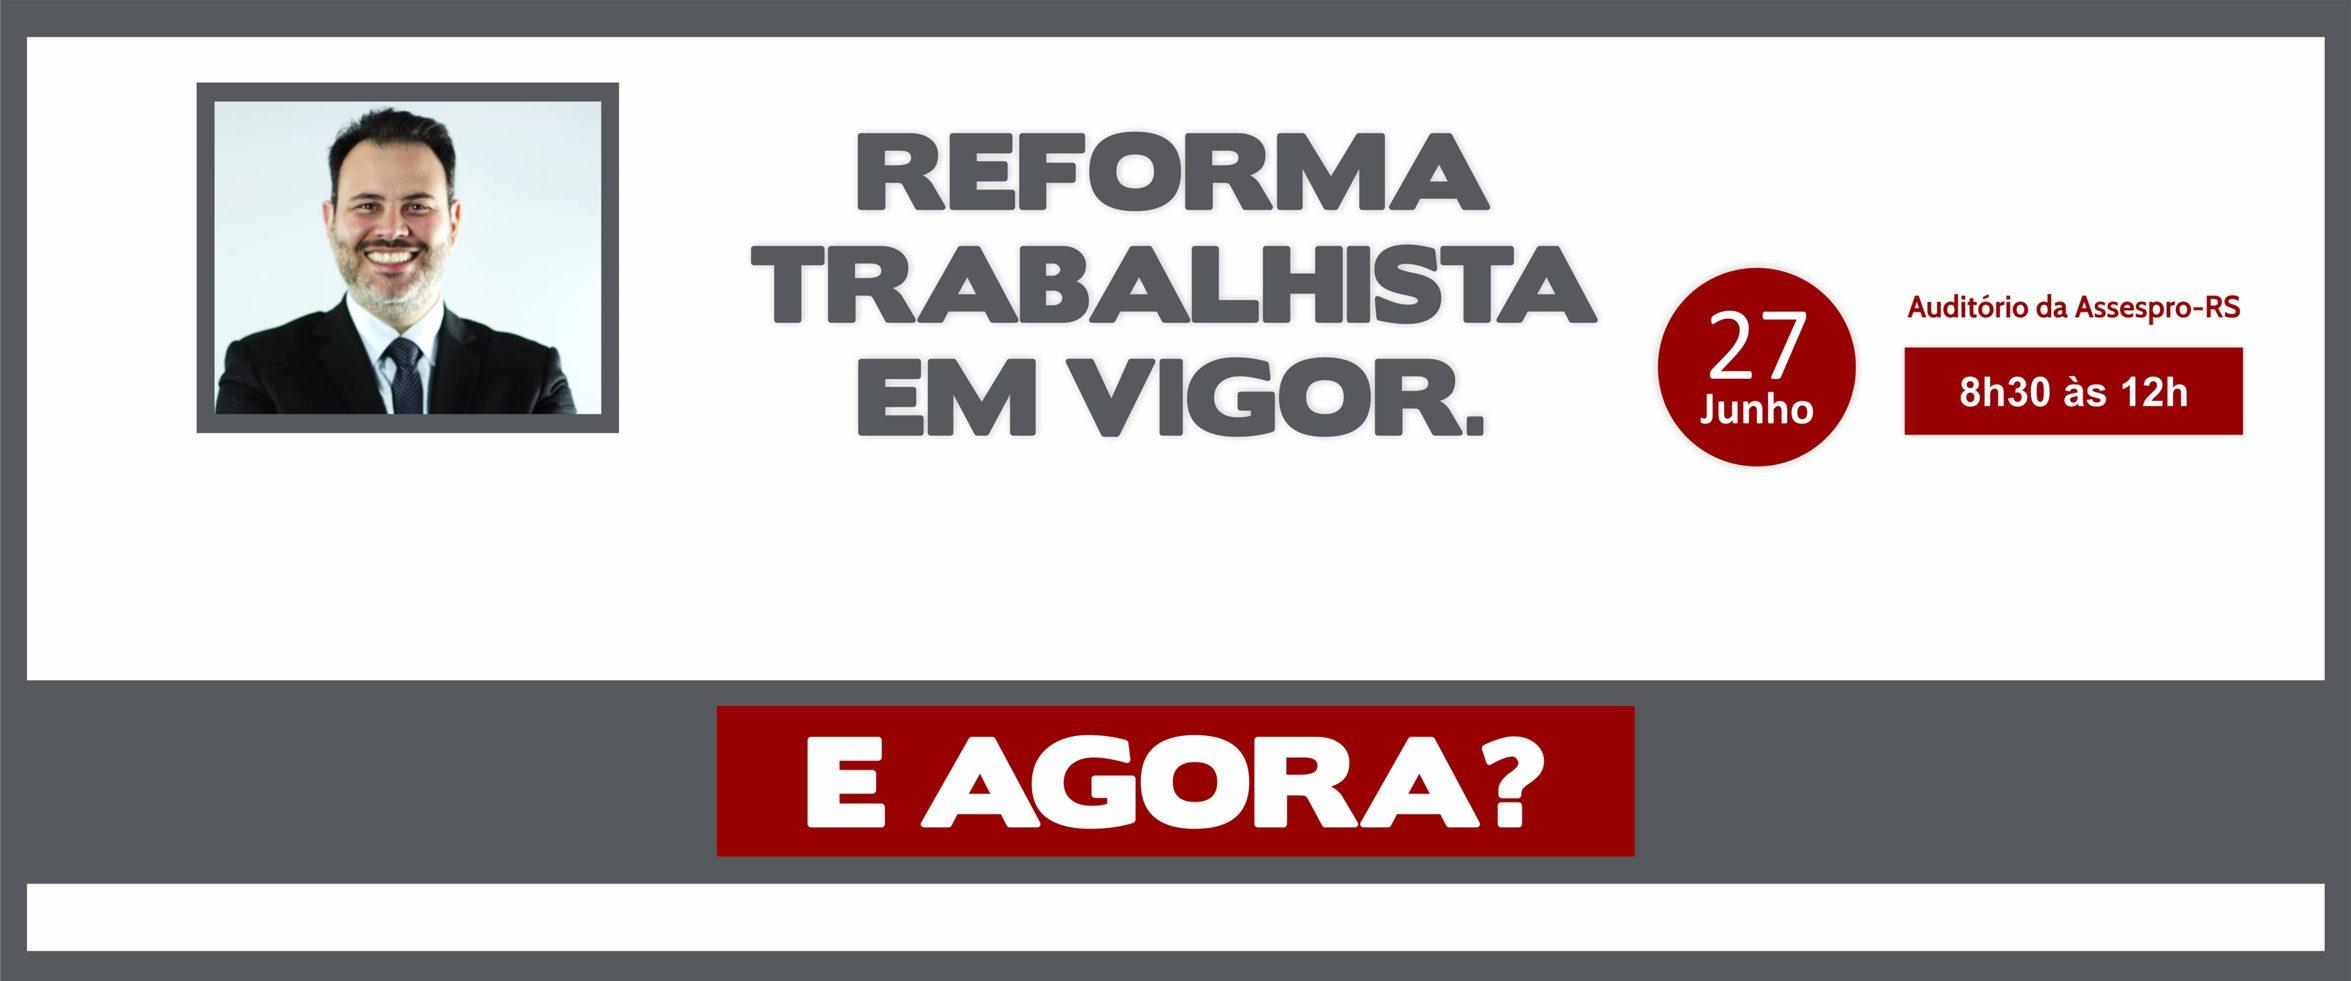 Ricardo Gomes dia 27/06 na Assespro-RS – Reforma Trabalhista em vigor. E agora?